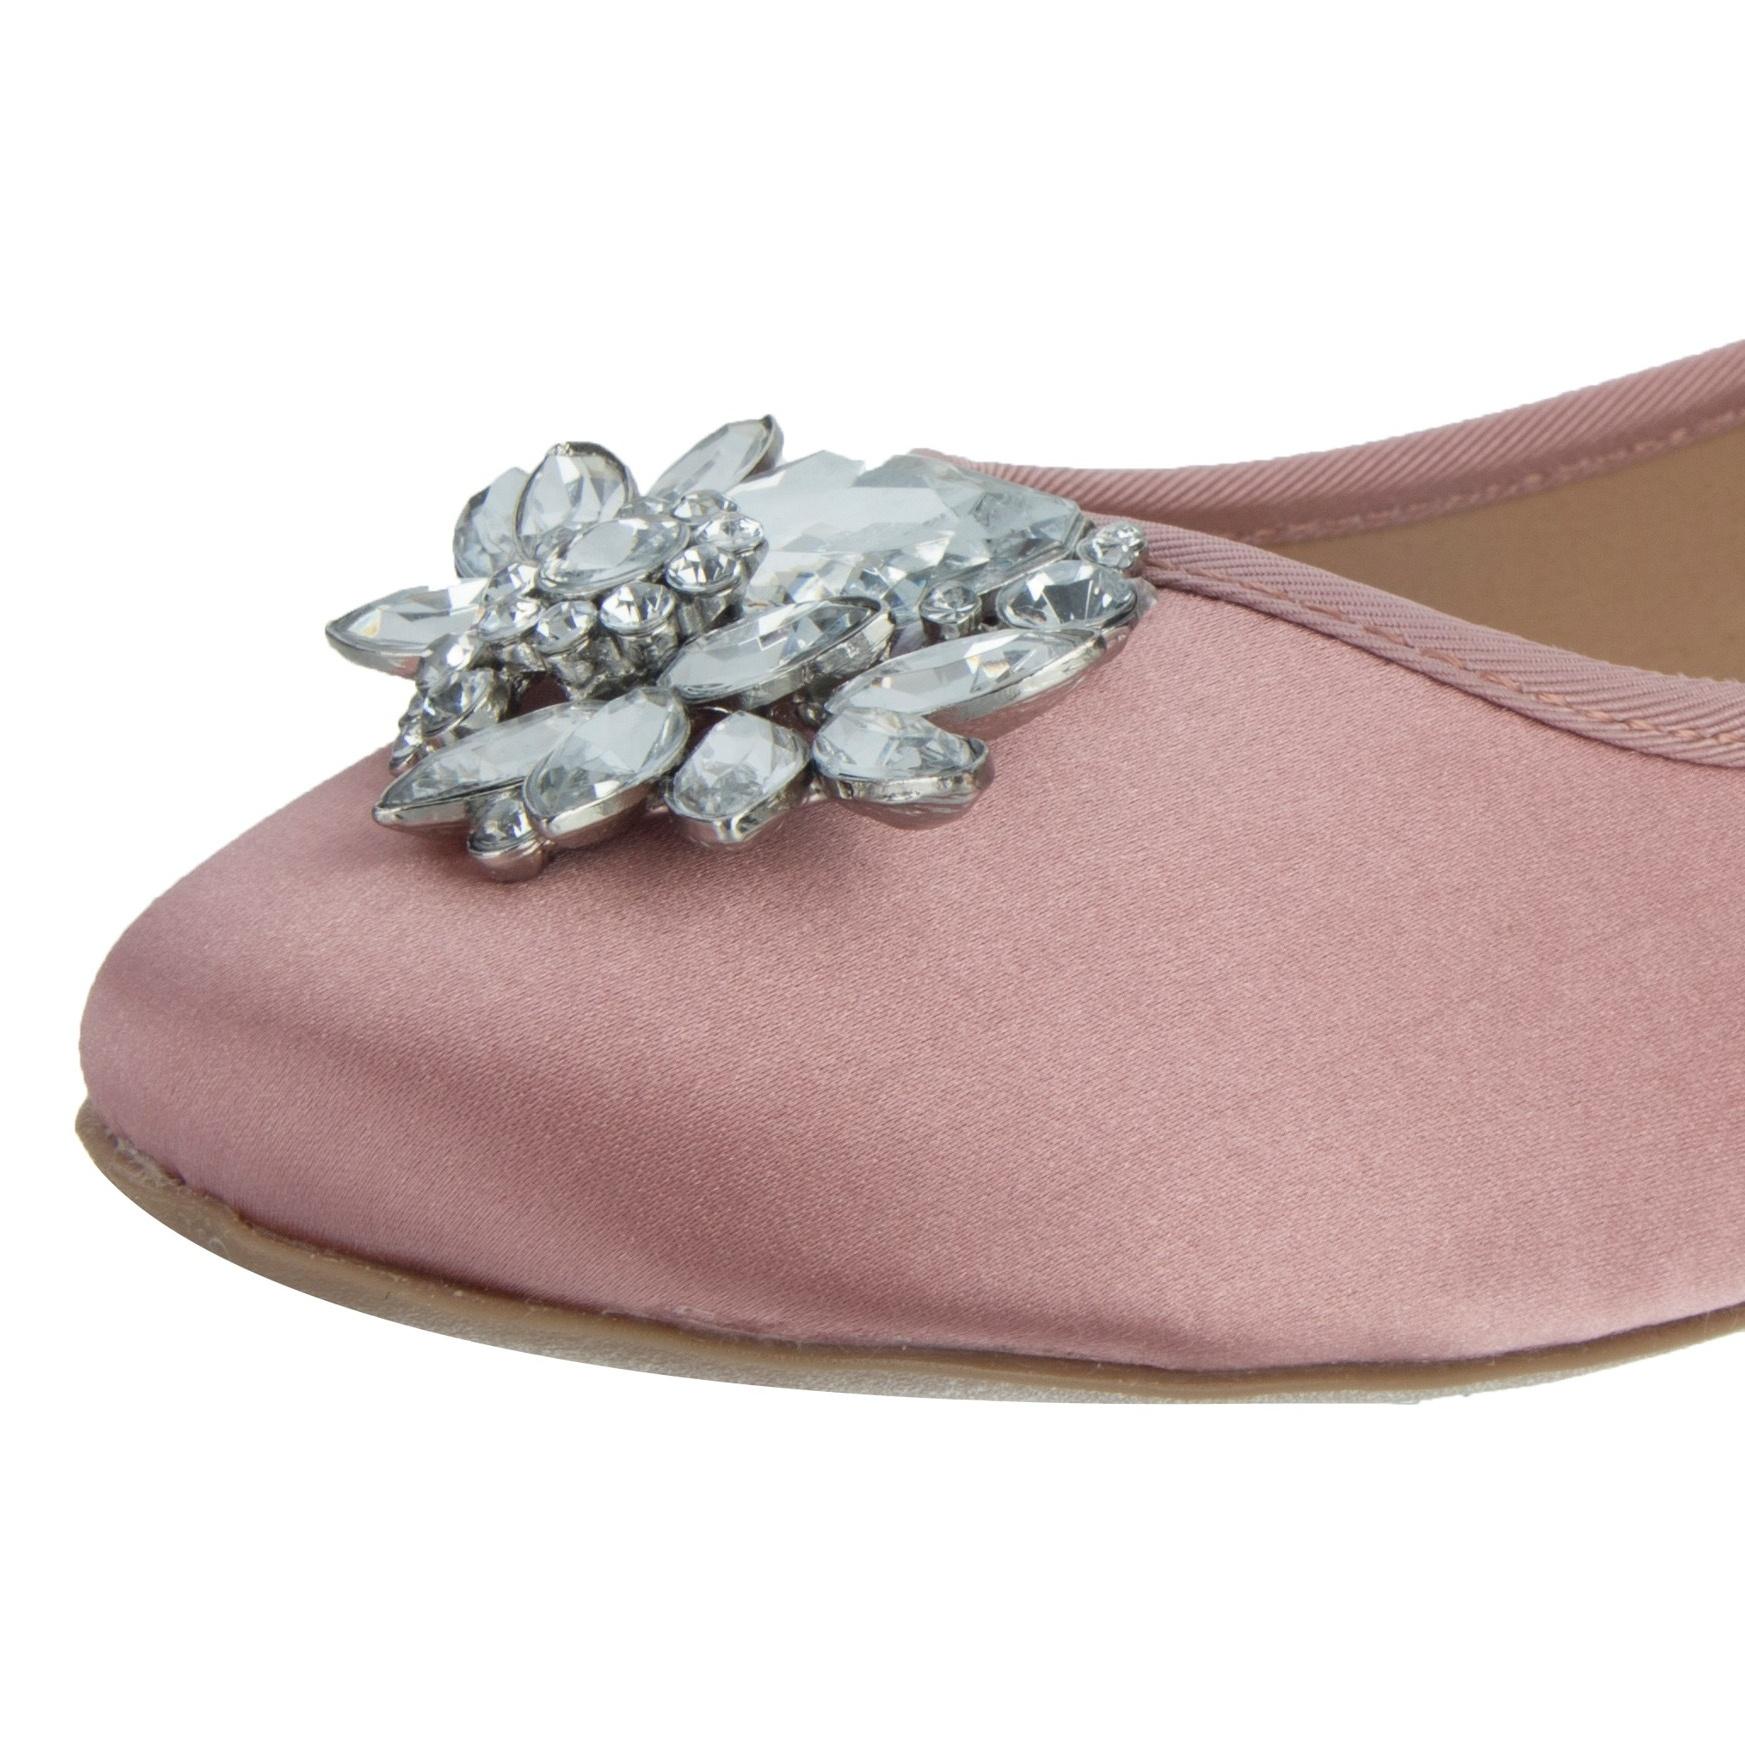 کفش تخت پارچه ای زنانه Hiya - دون لندن - صورتي - 6